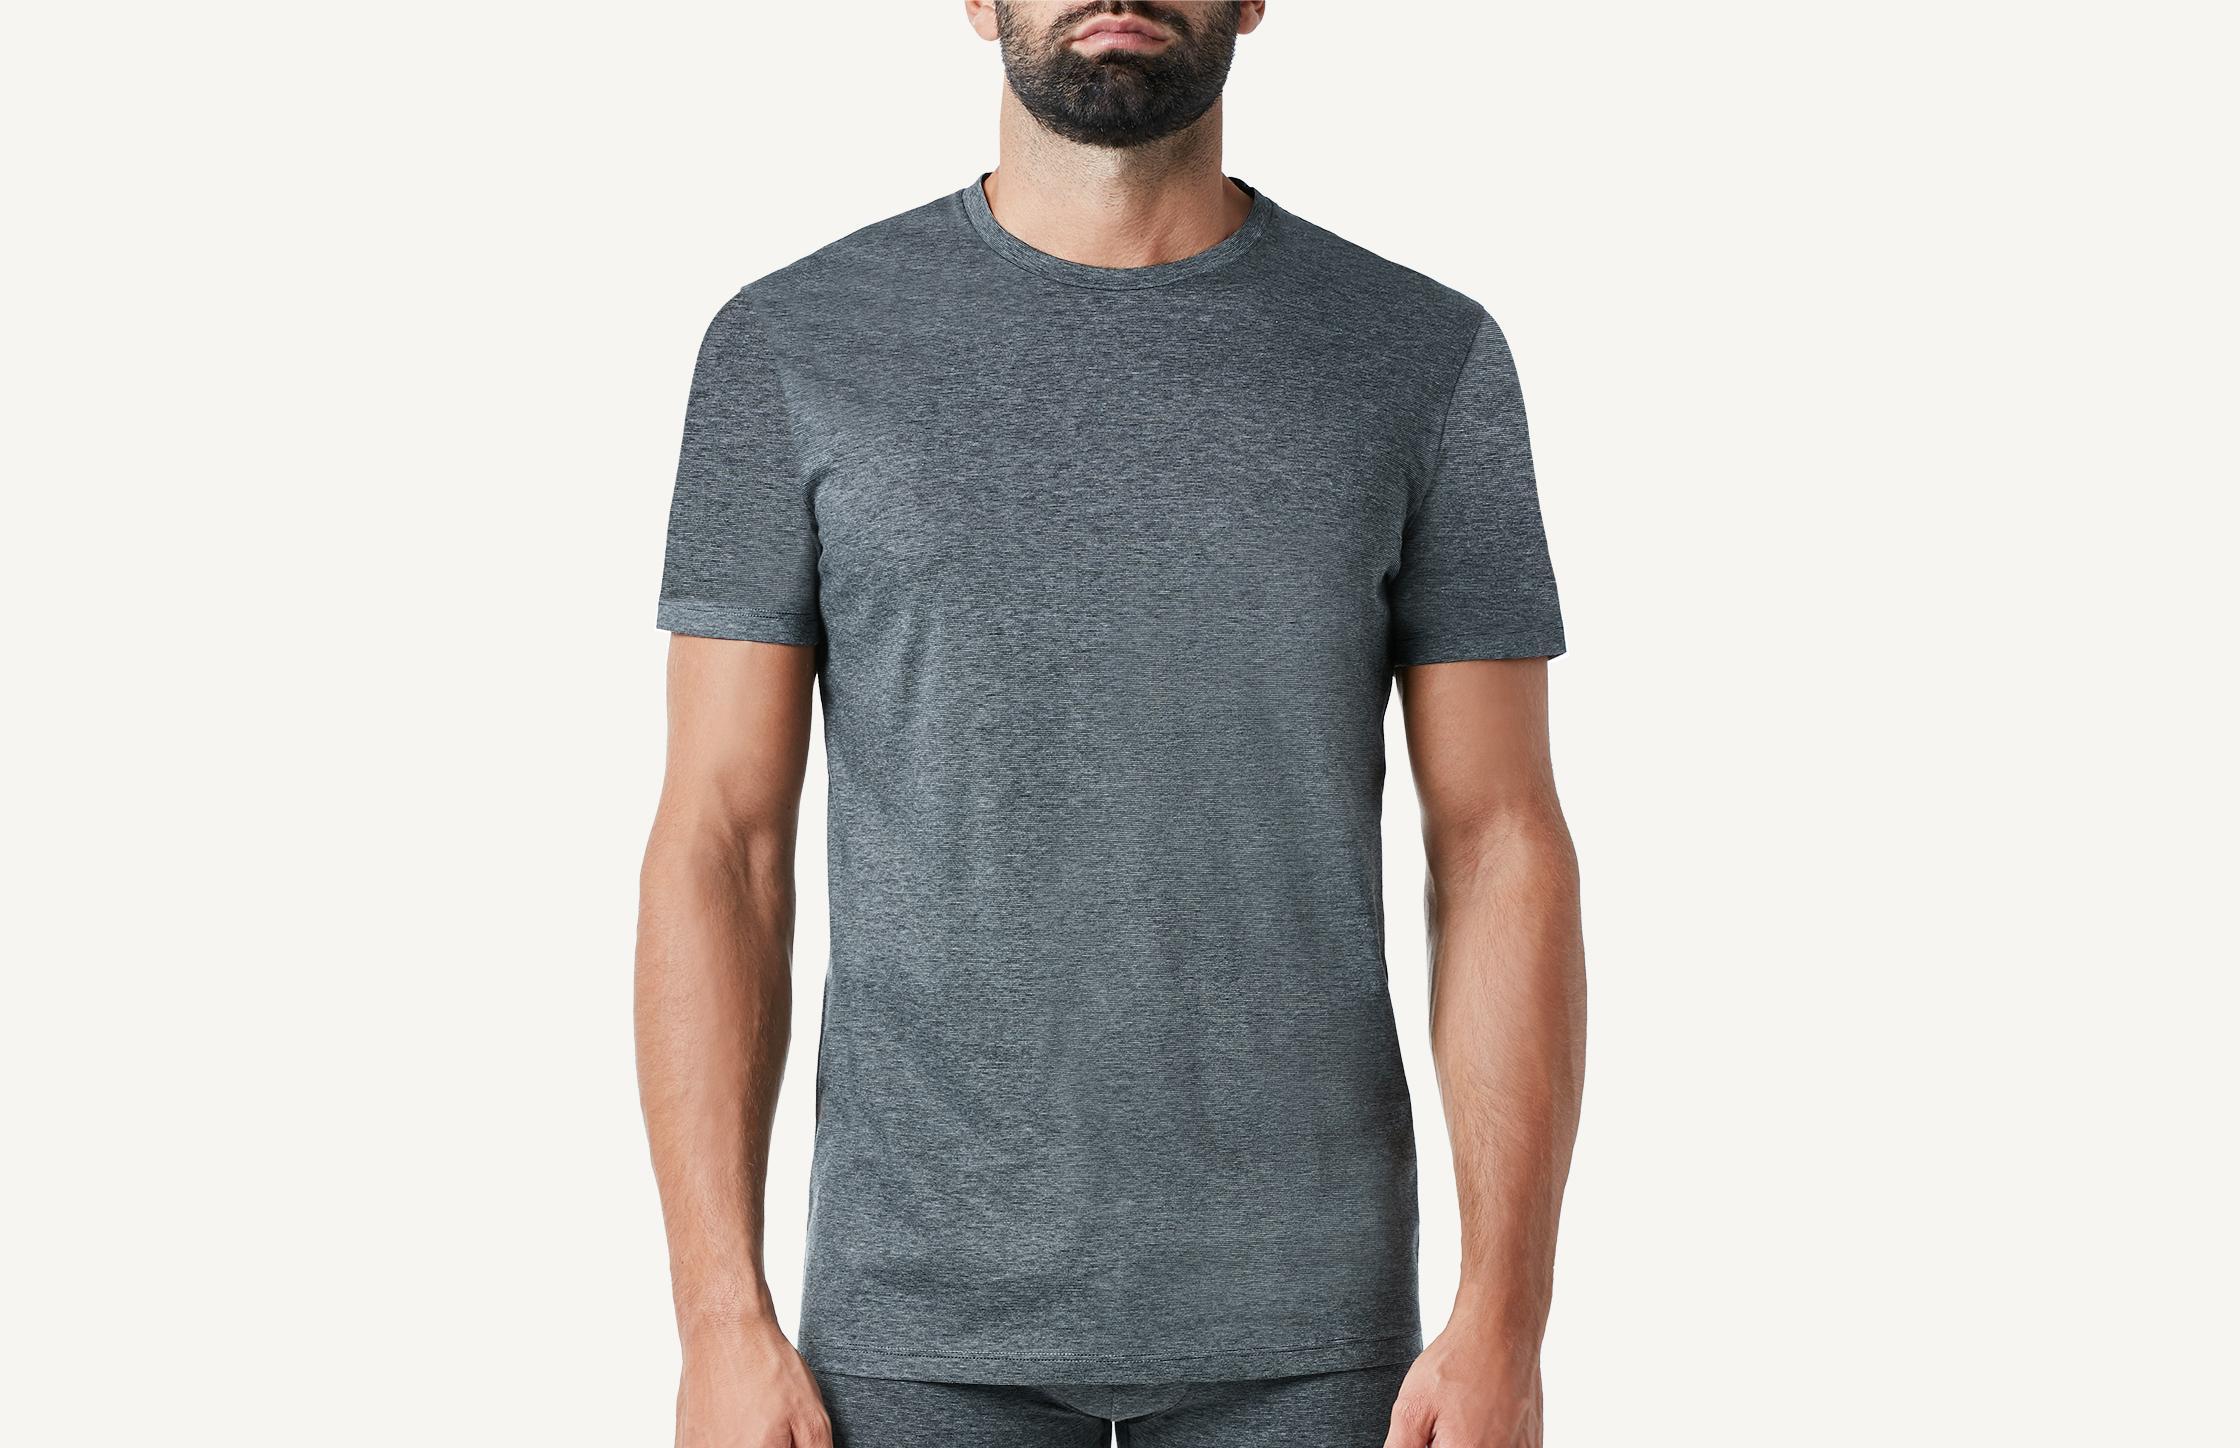 intimissimi - Kurzarm-Shirt Mercerisierte Baumwolle Streifen